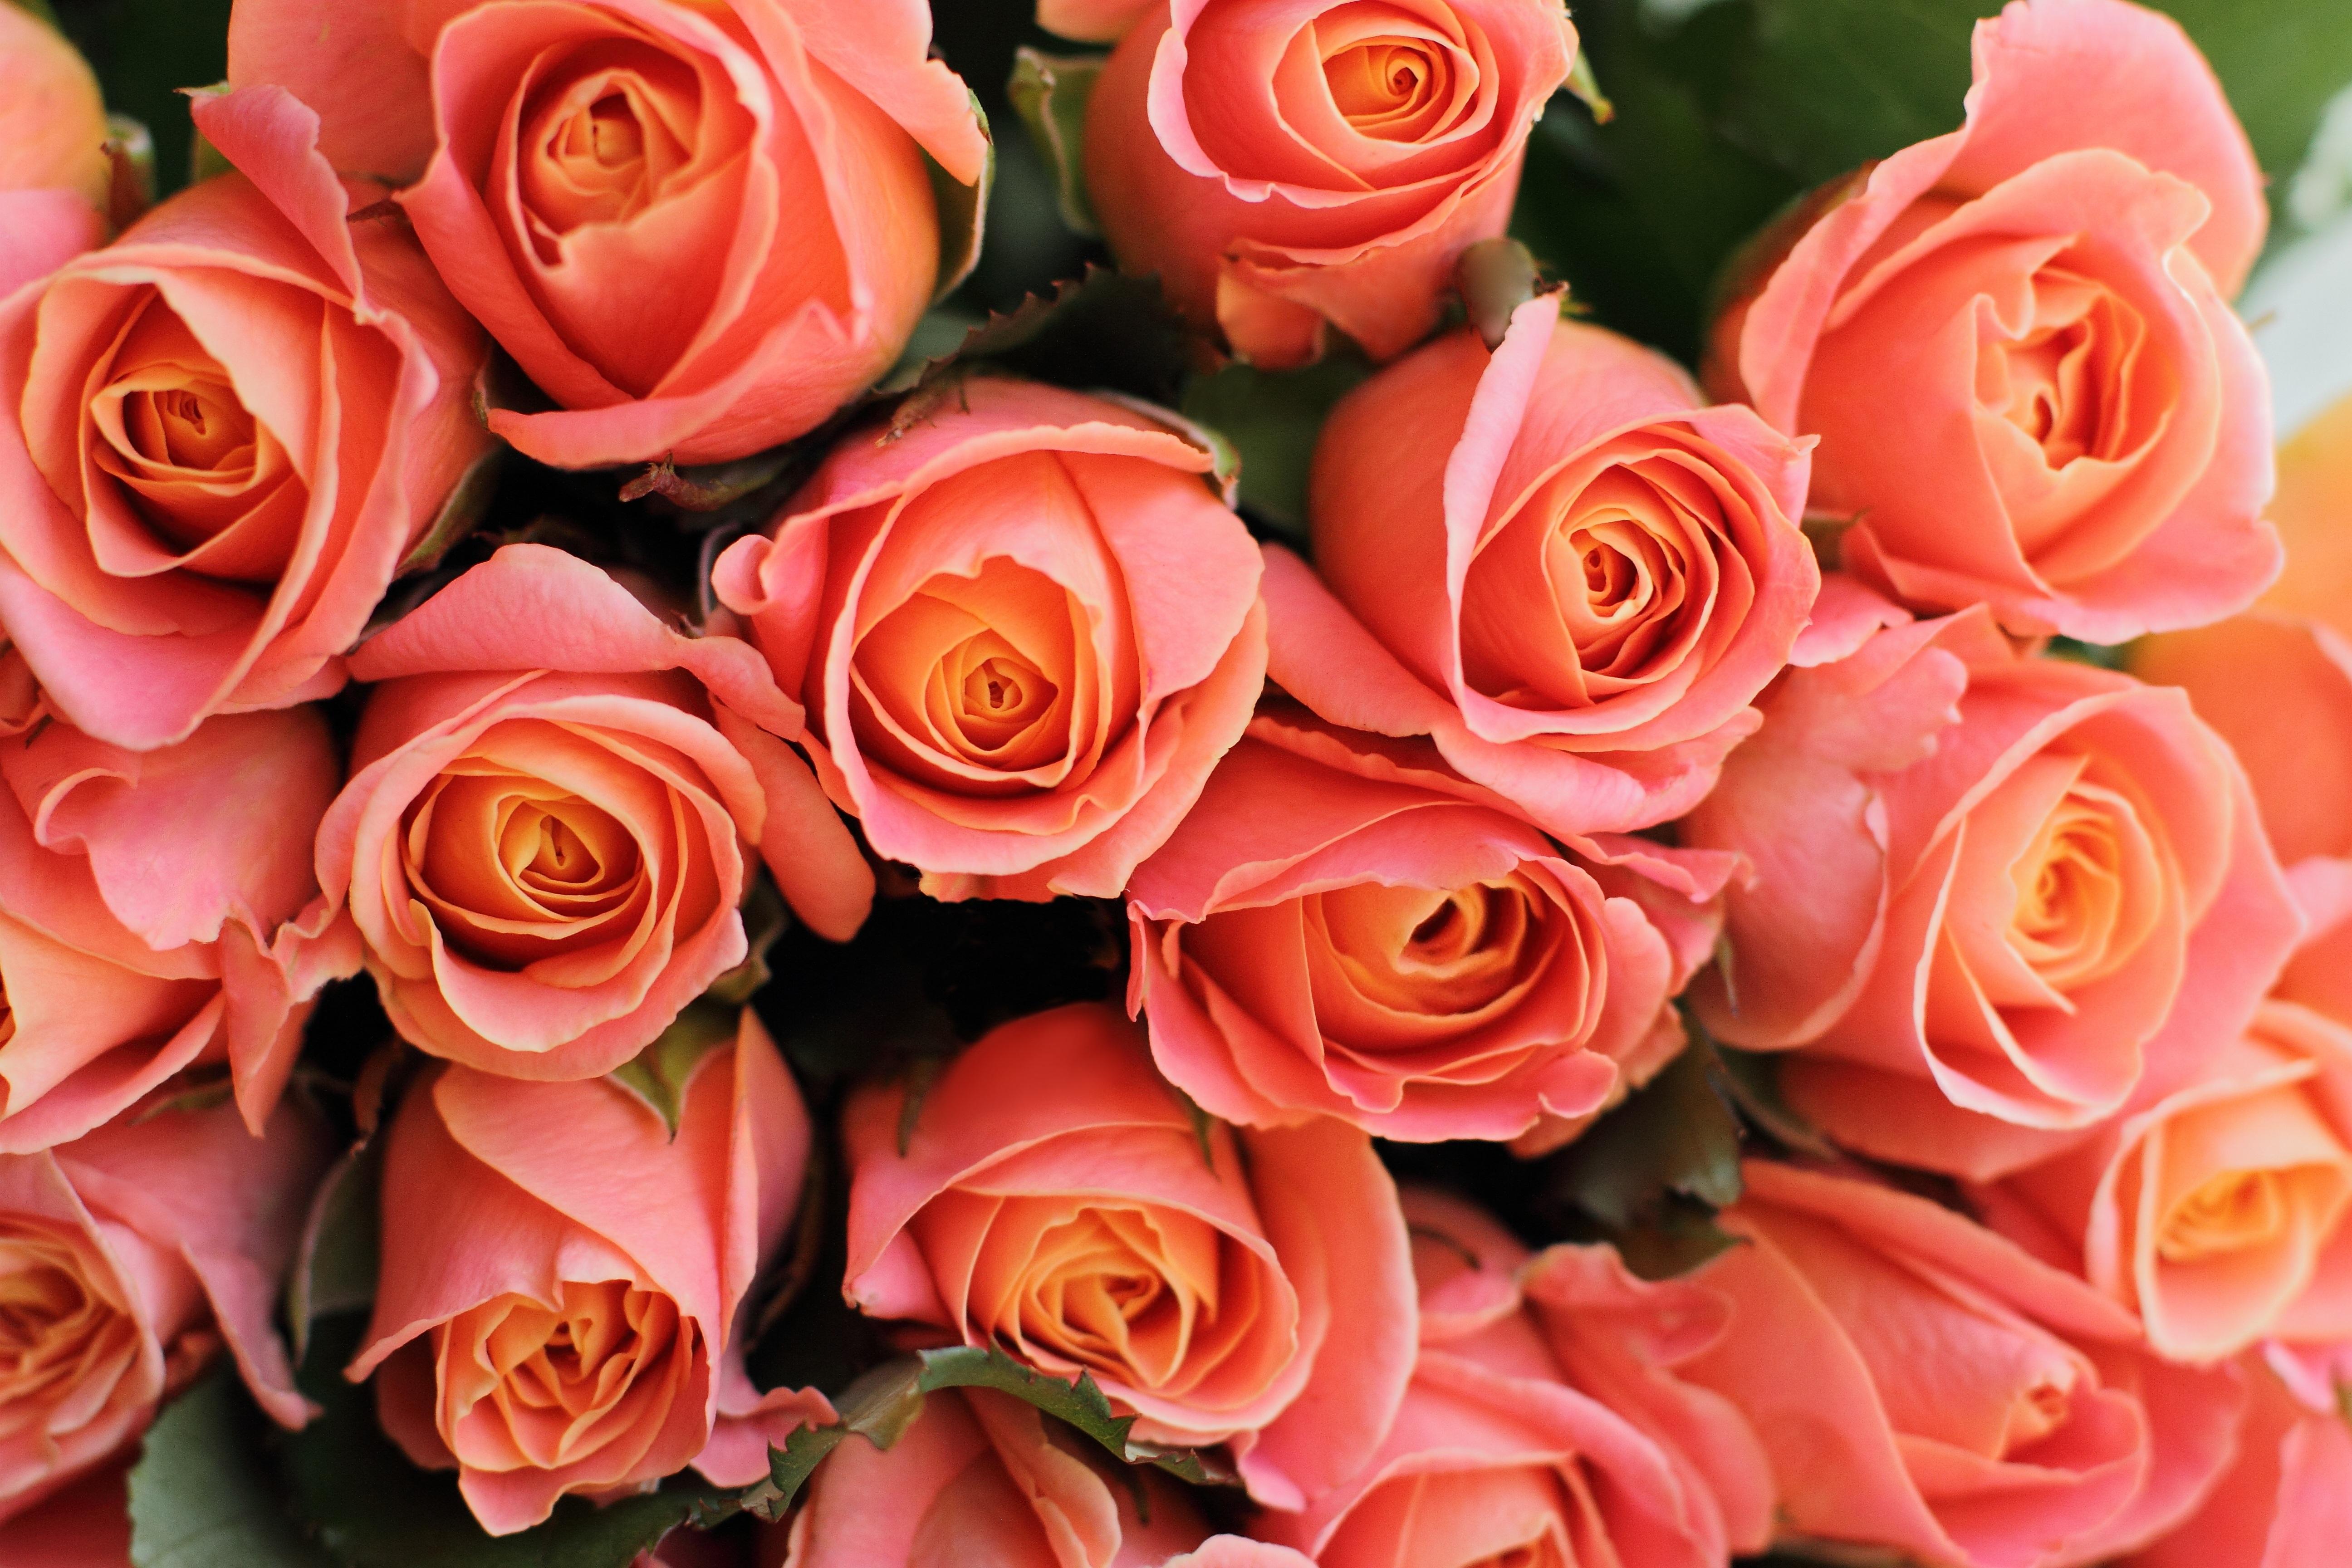 93106 скачать обои Цветы, Букет, Розовый, Коралловый, Подарок, Романтичный, Розы - заставки и картинки бесплатно